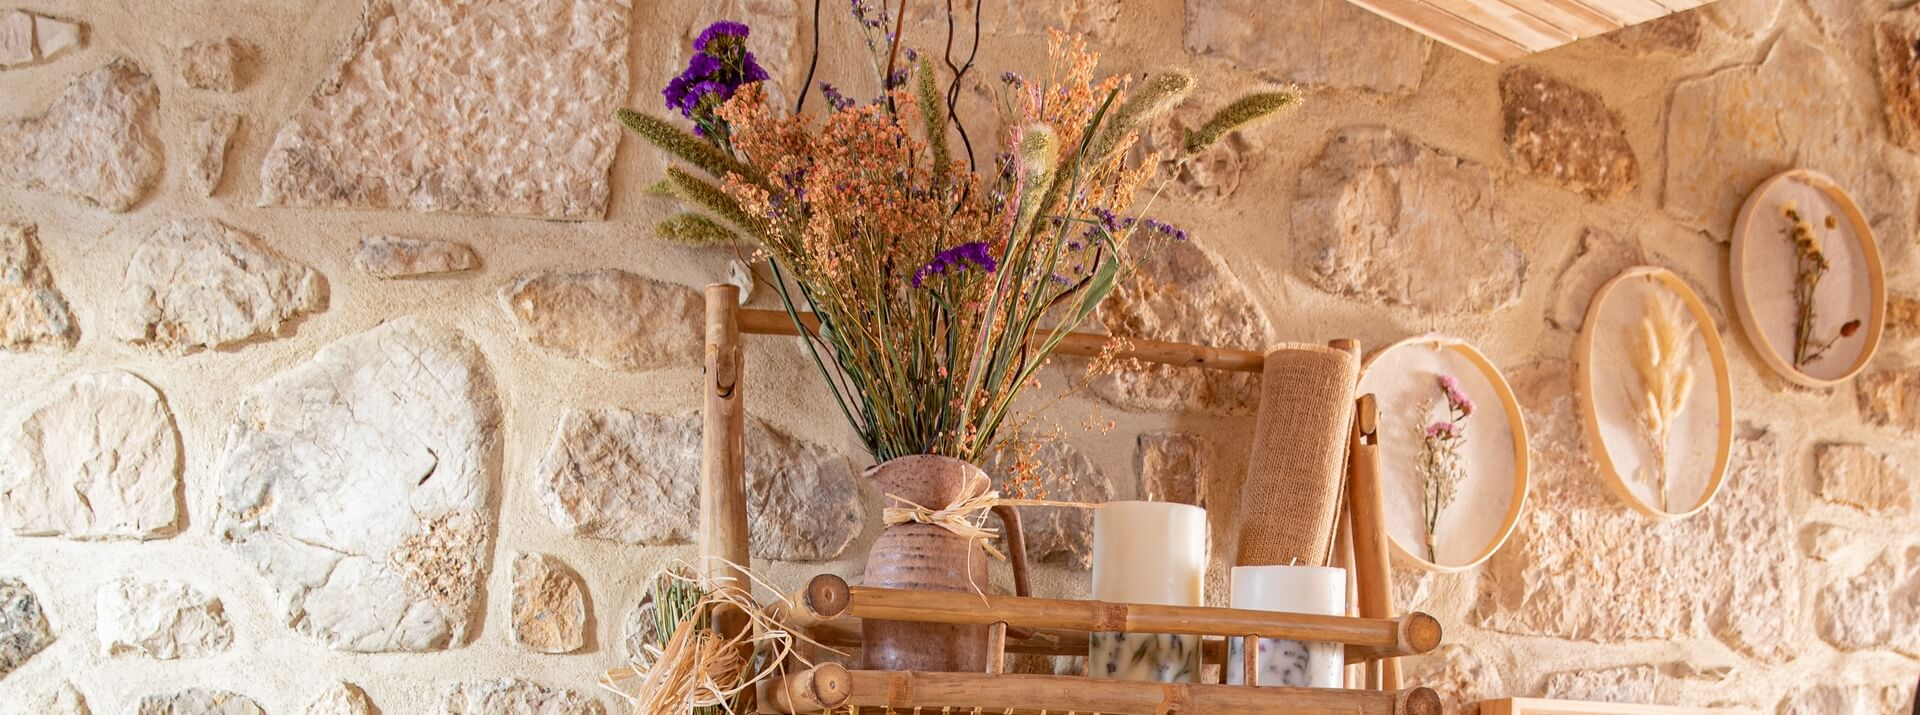 Les fleurs séchées dans la décoration